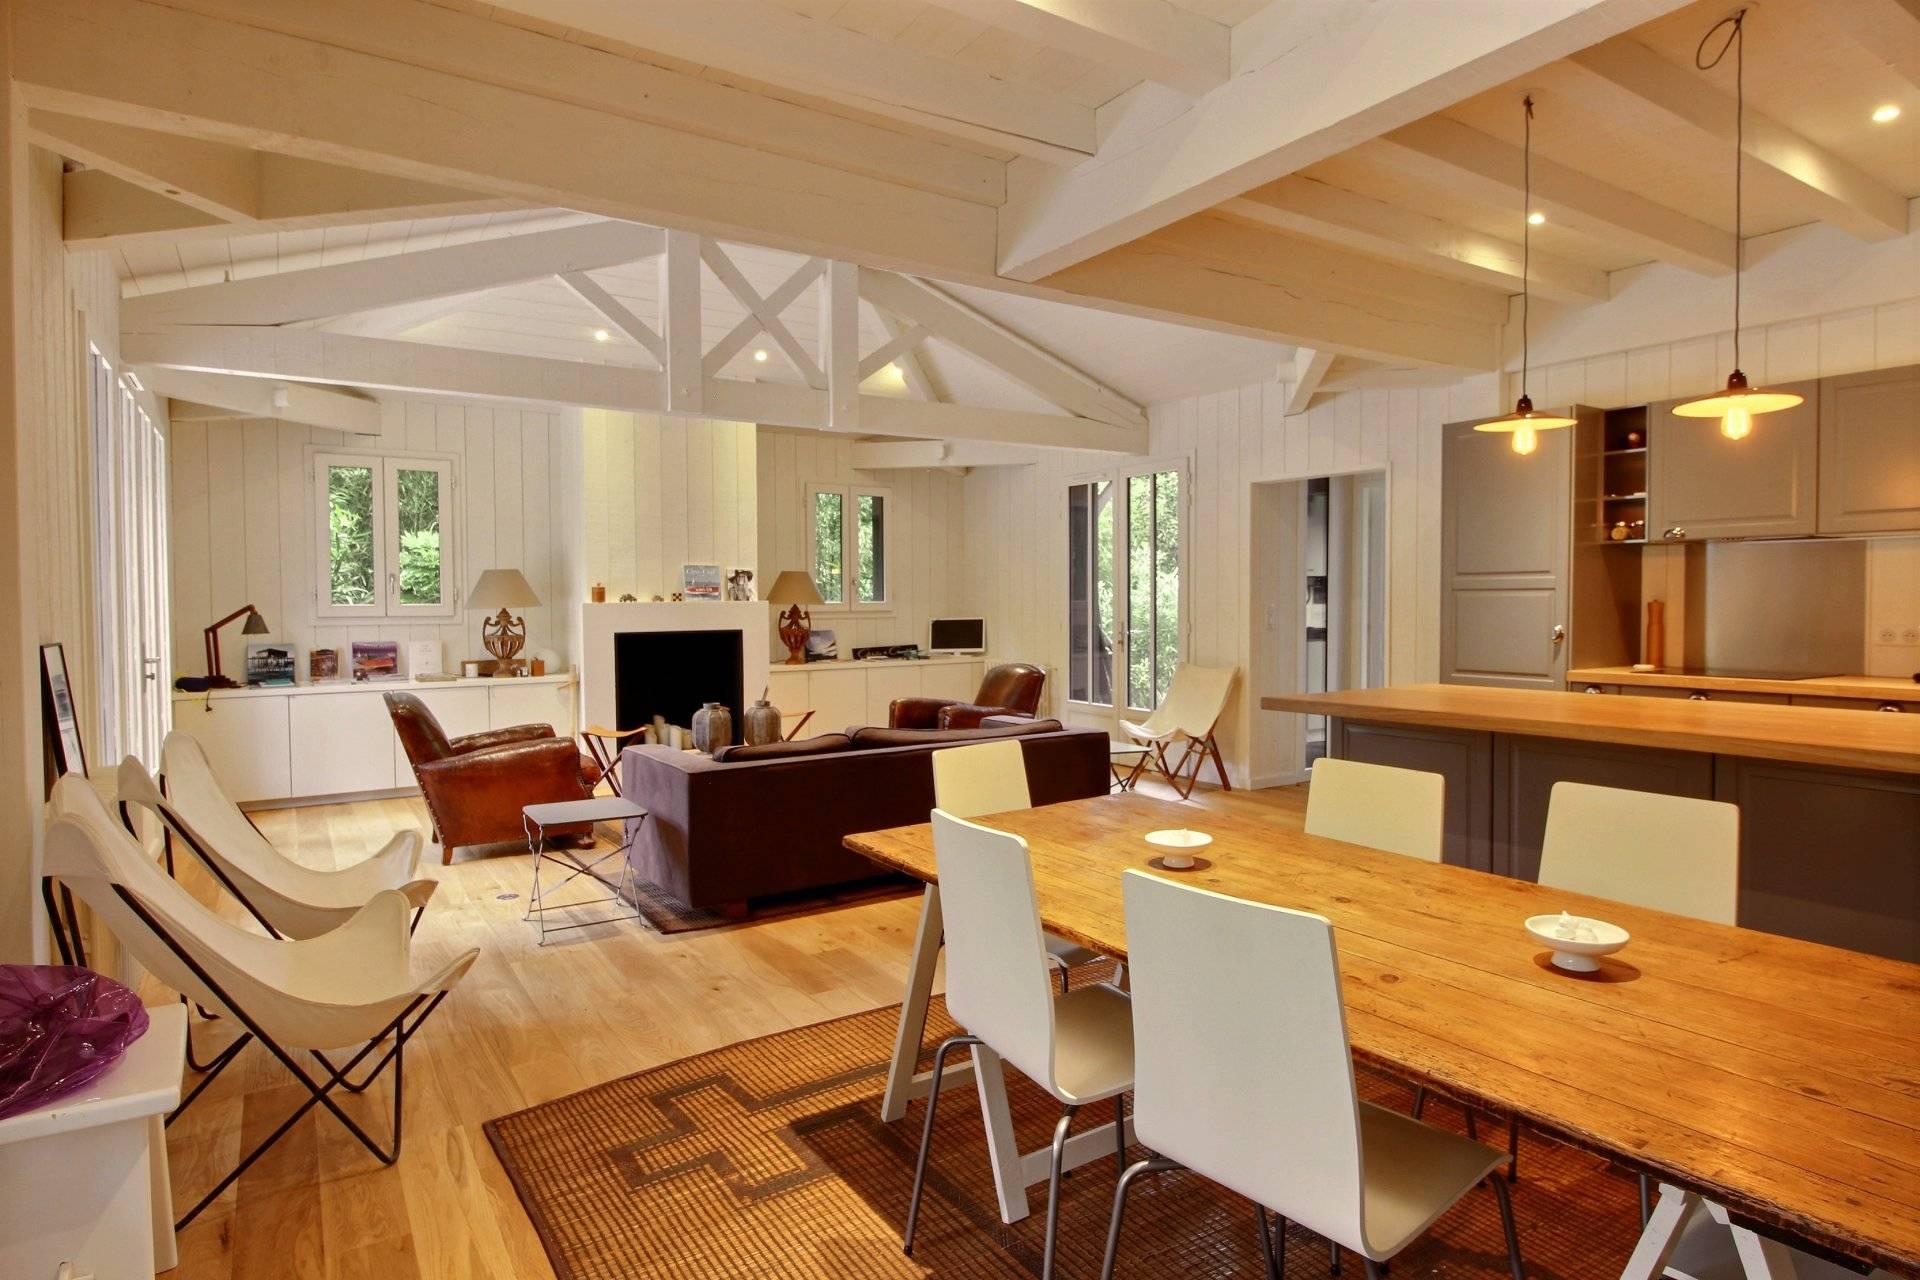 Achat villa d'architecte neuve en bois avec piscine CAP FERRET VILLAGE